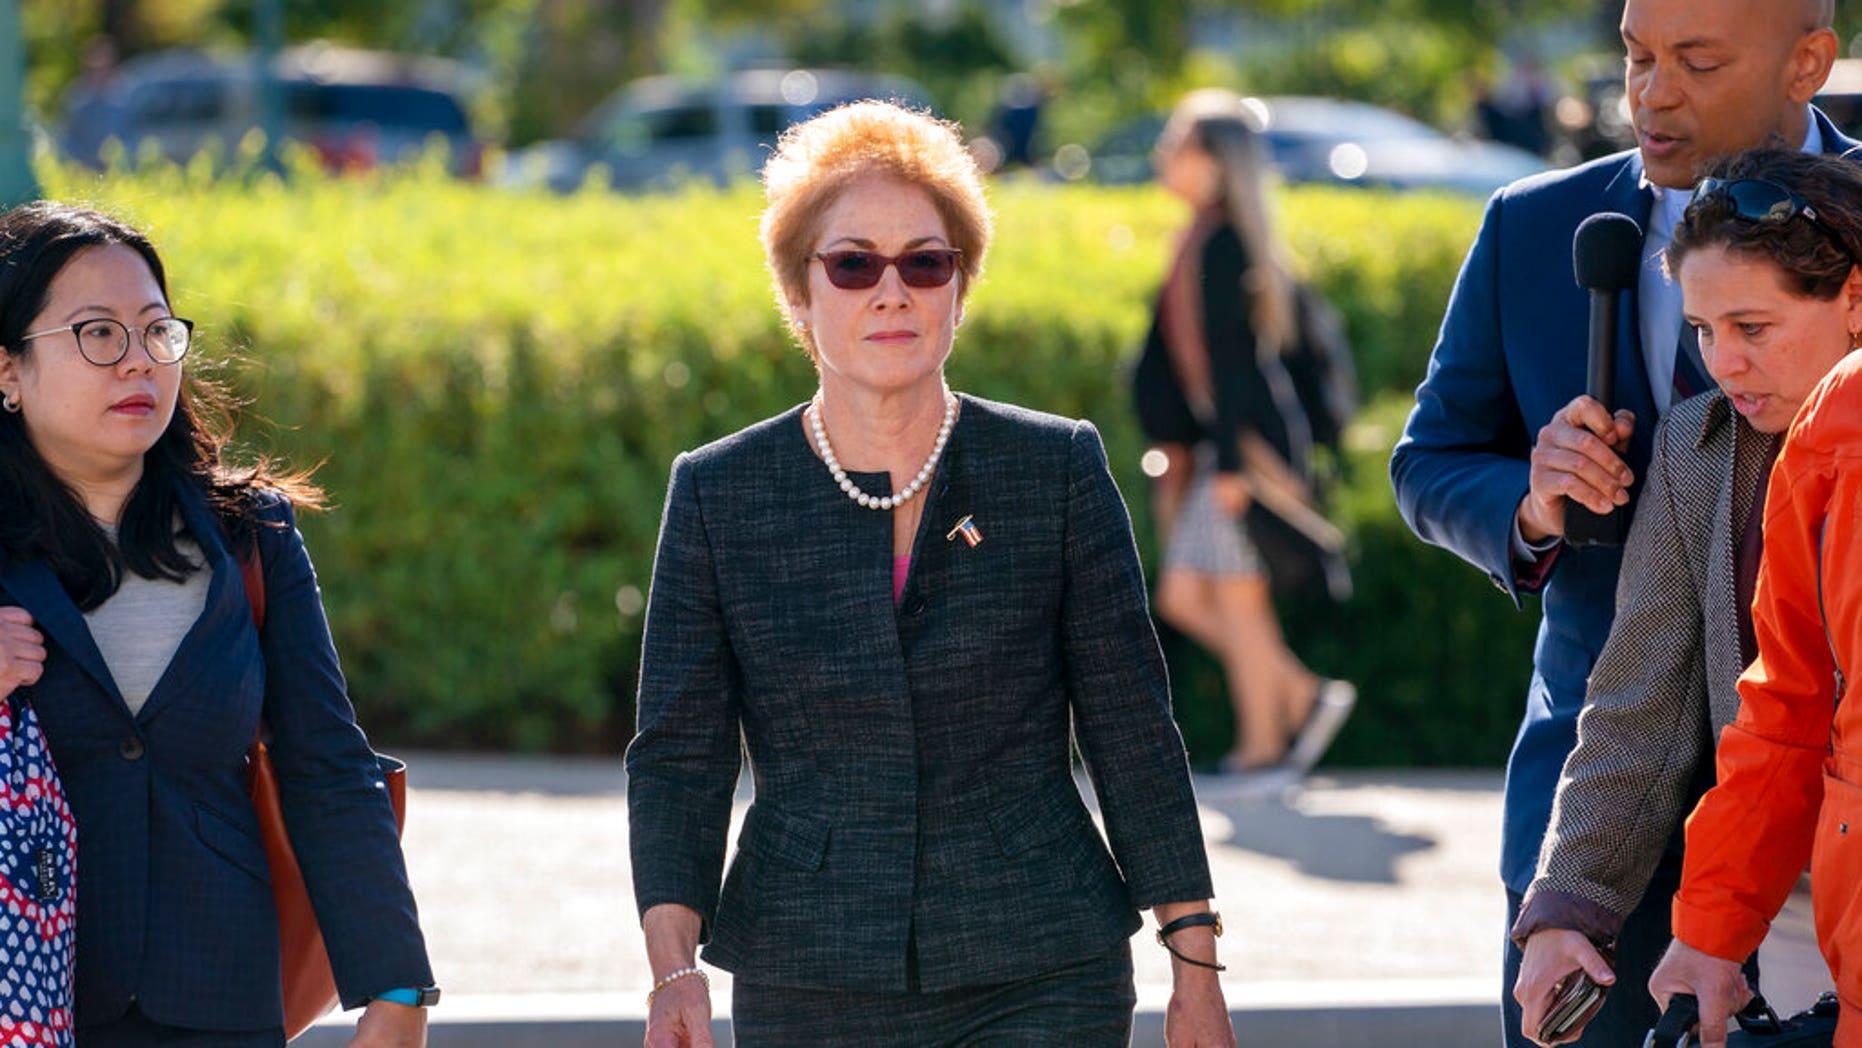 FILE - Former U.S. ambassador to Ukraine Marie Yovanovitch (AP Photo/J. Scott Applewhite, File)